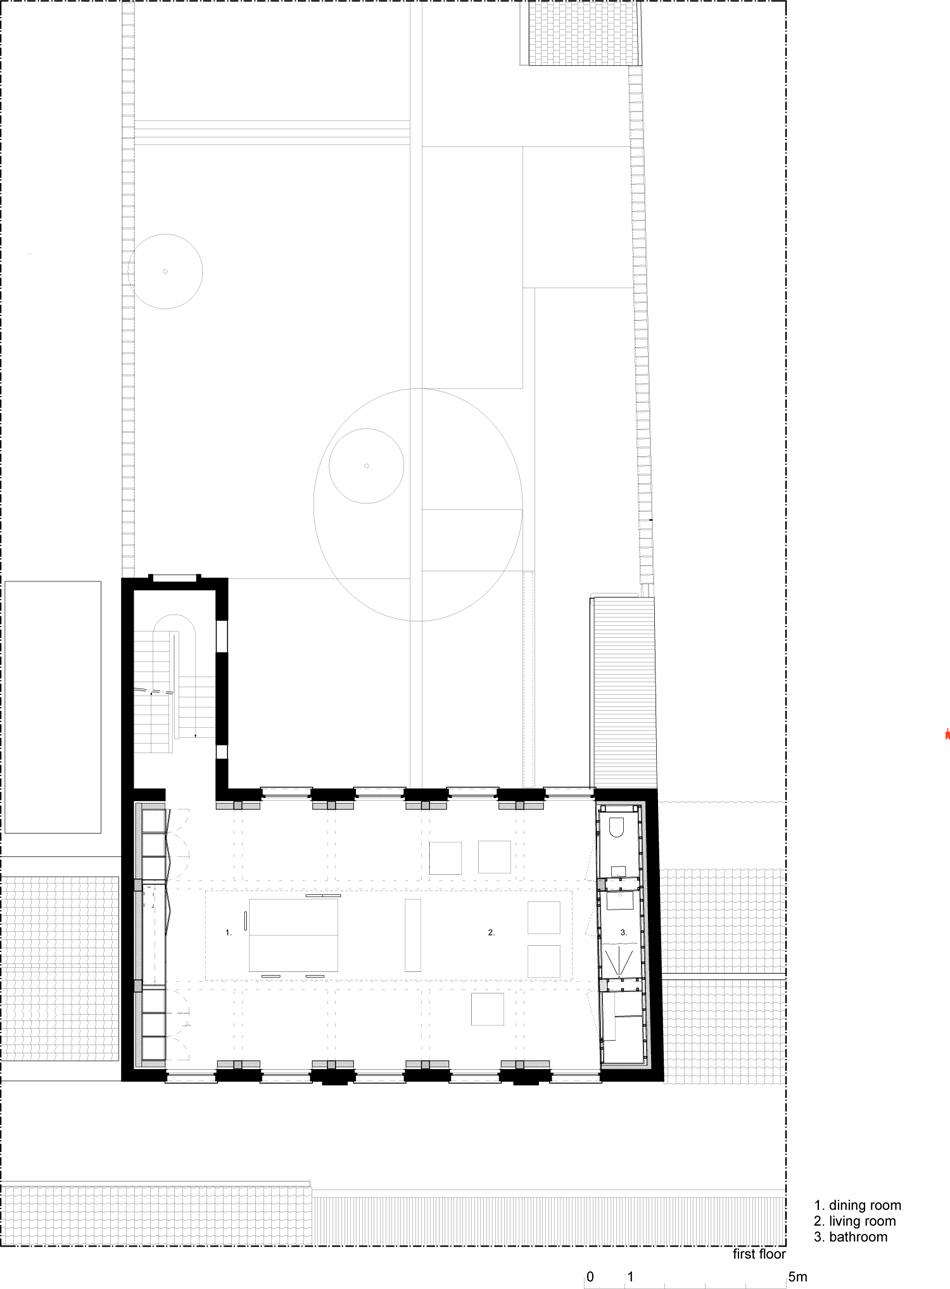 designboom_pool_k12_gallery